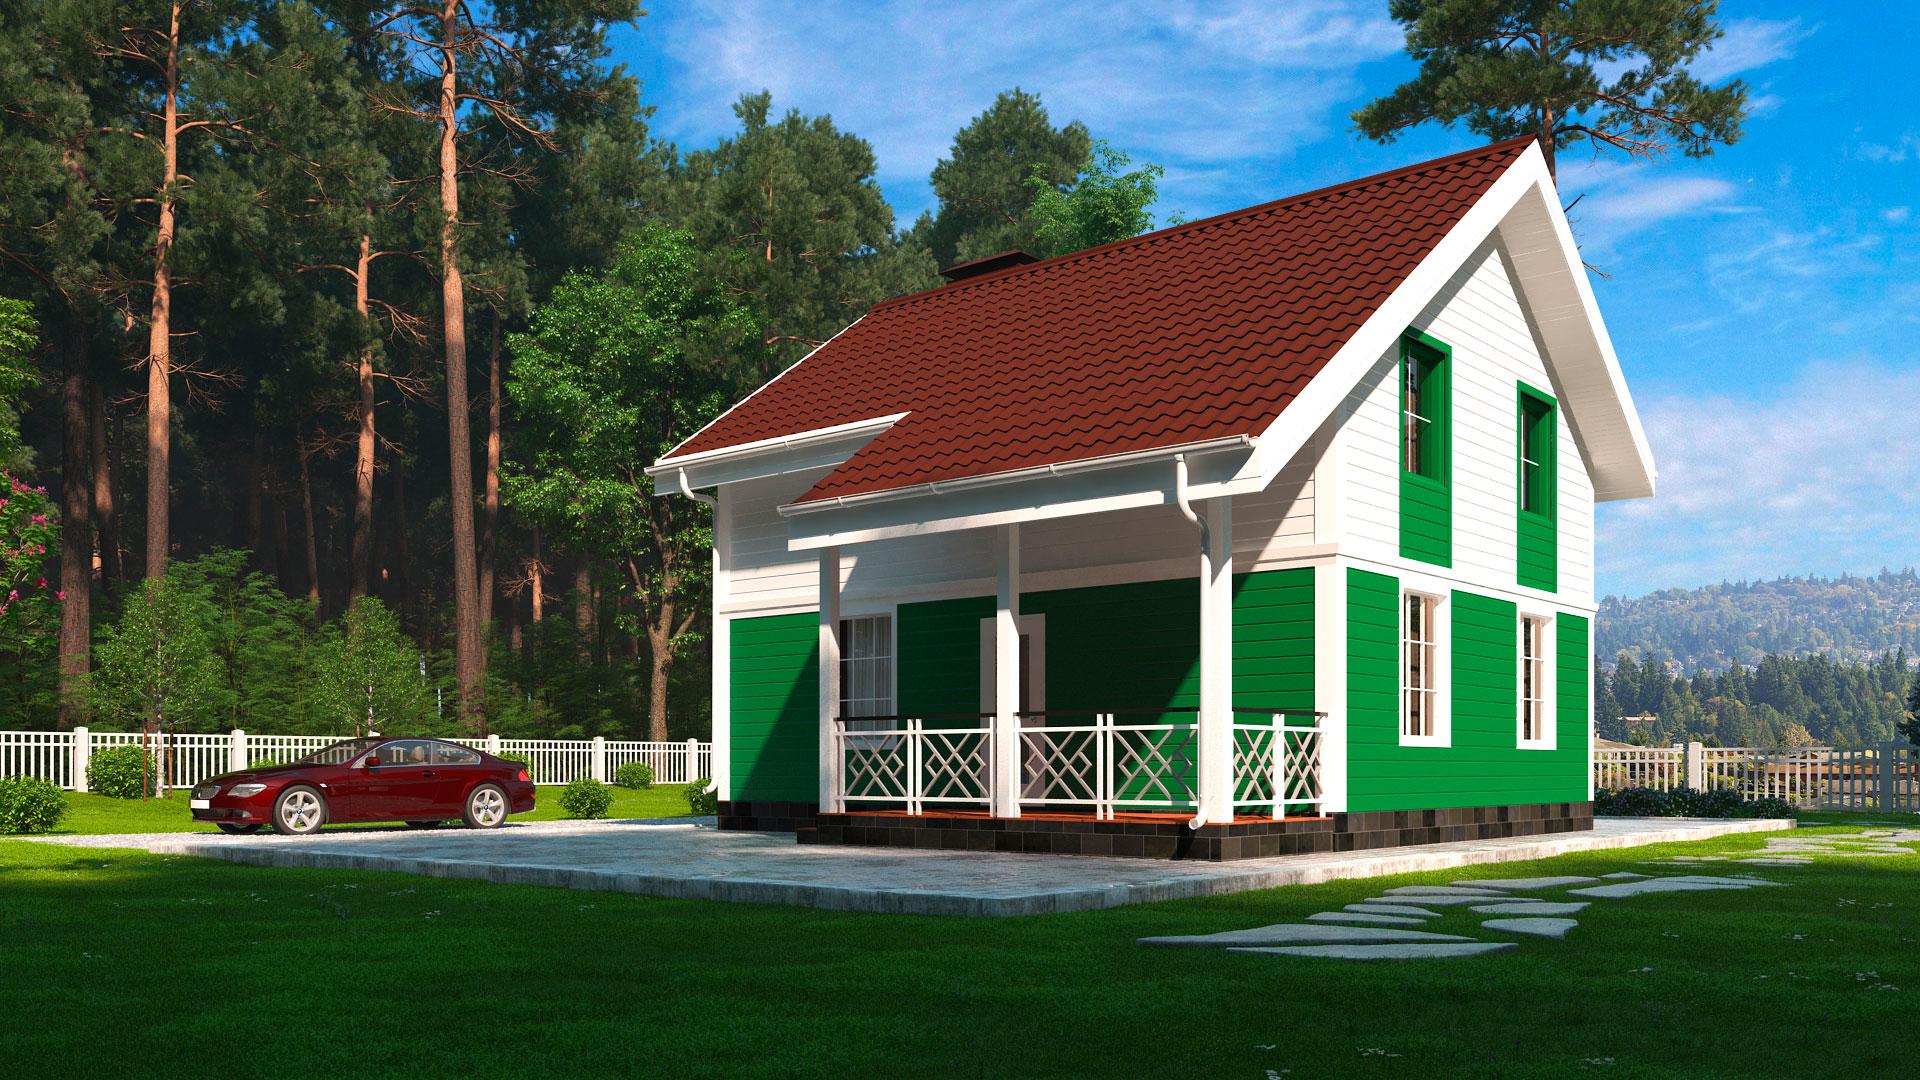 Передний фасад двухэтажного загородного мансардного дома БЭНПАН, проект МС-117.